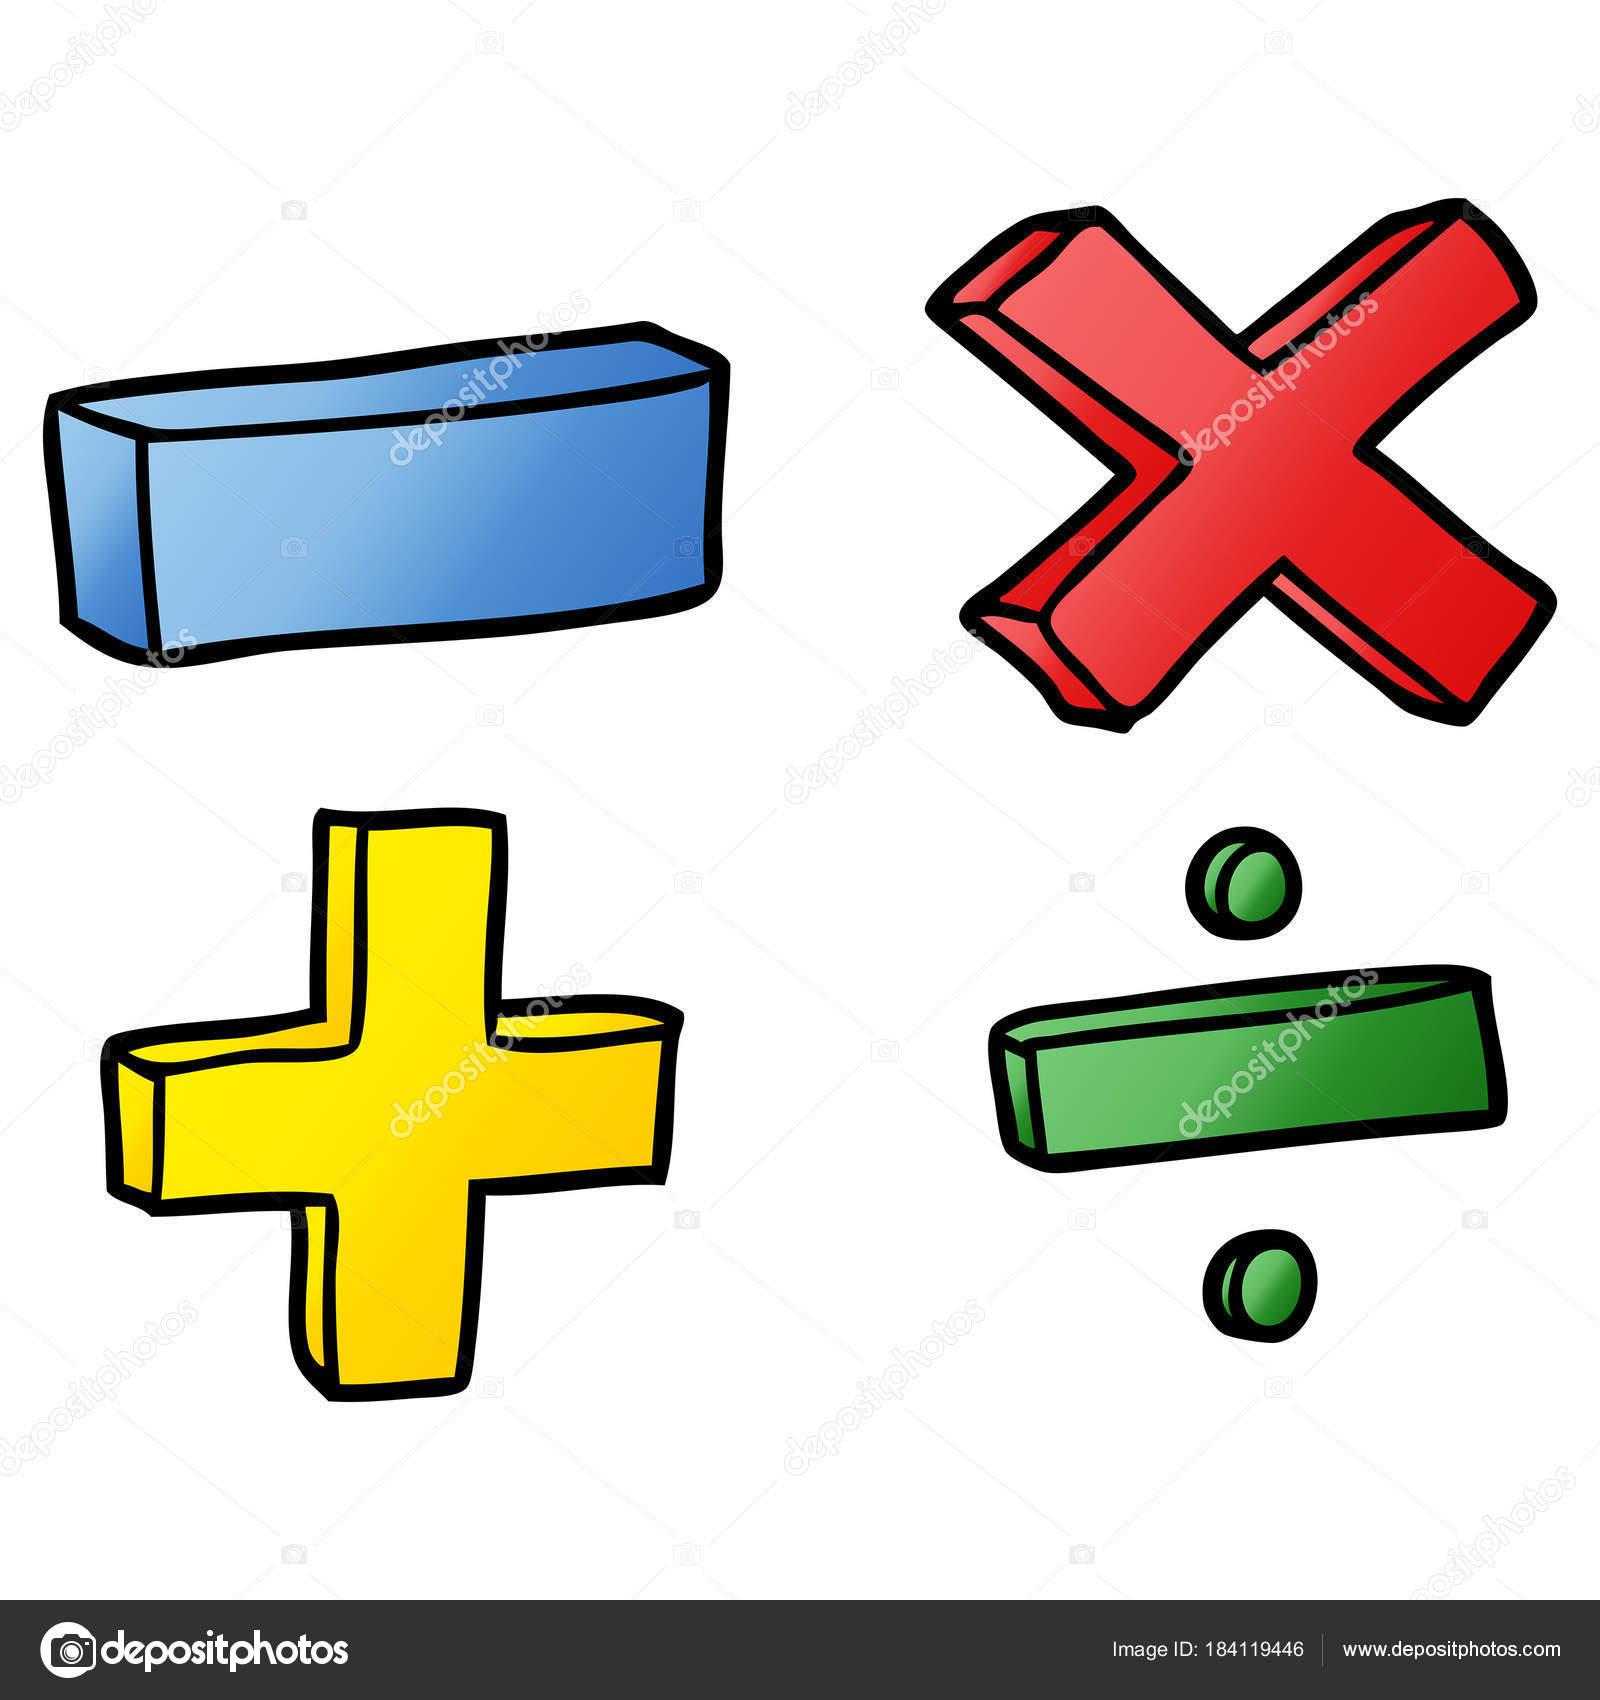 Ilustracion Vector Los Simbolos Matematicas Dibujos Animados